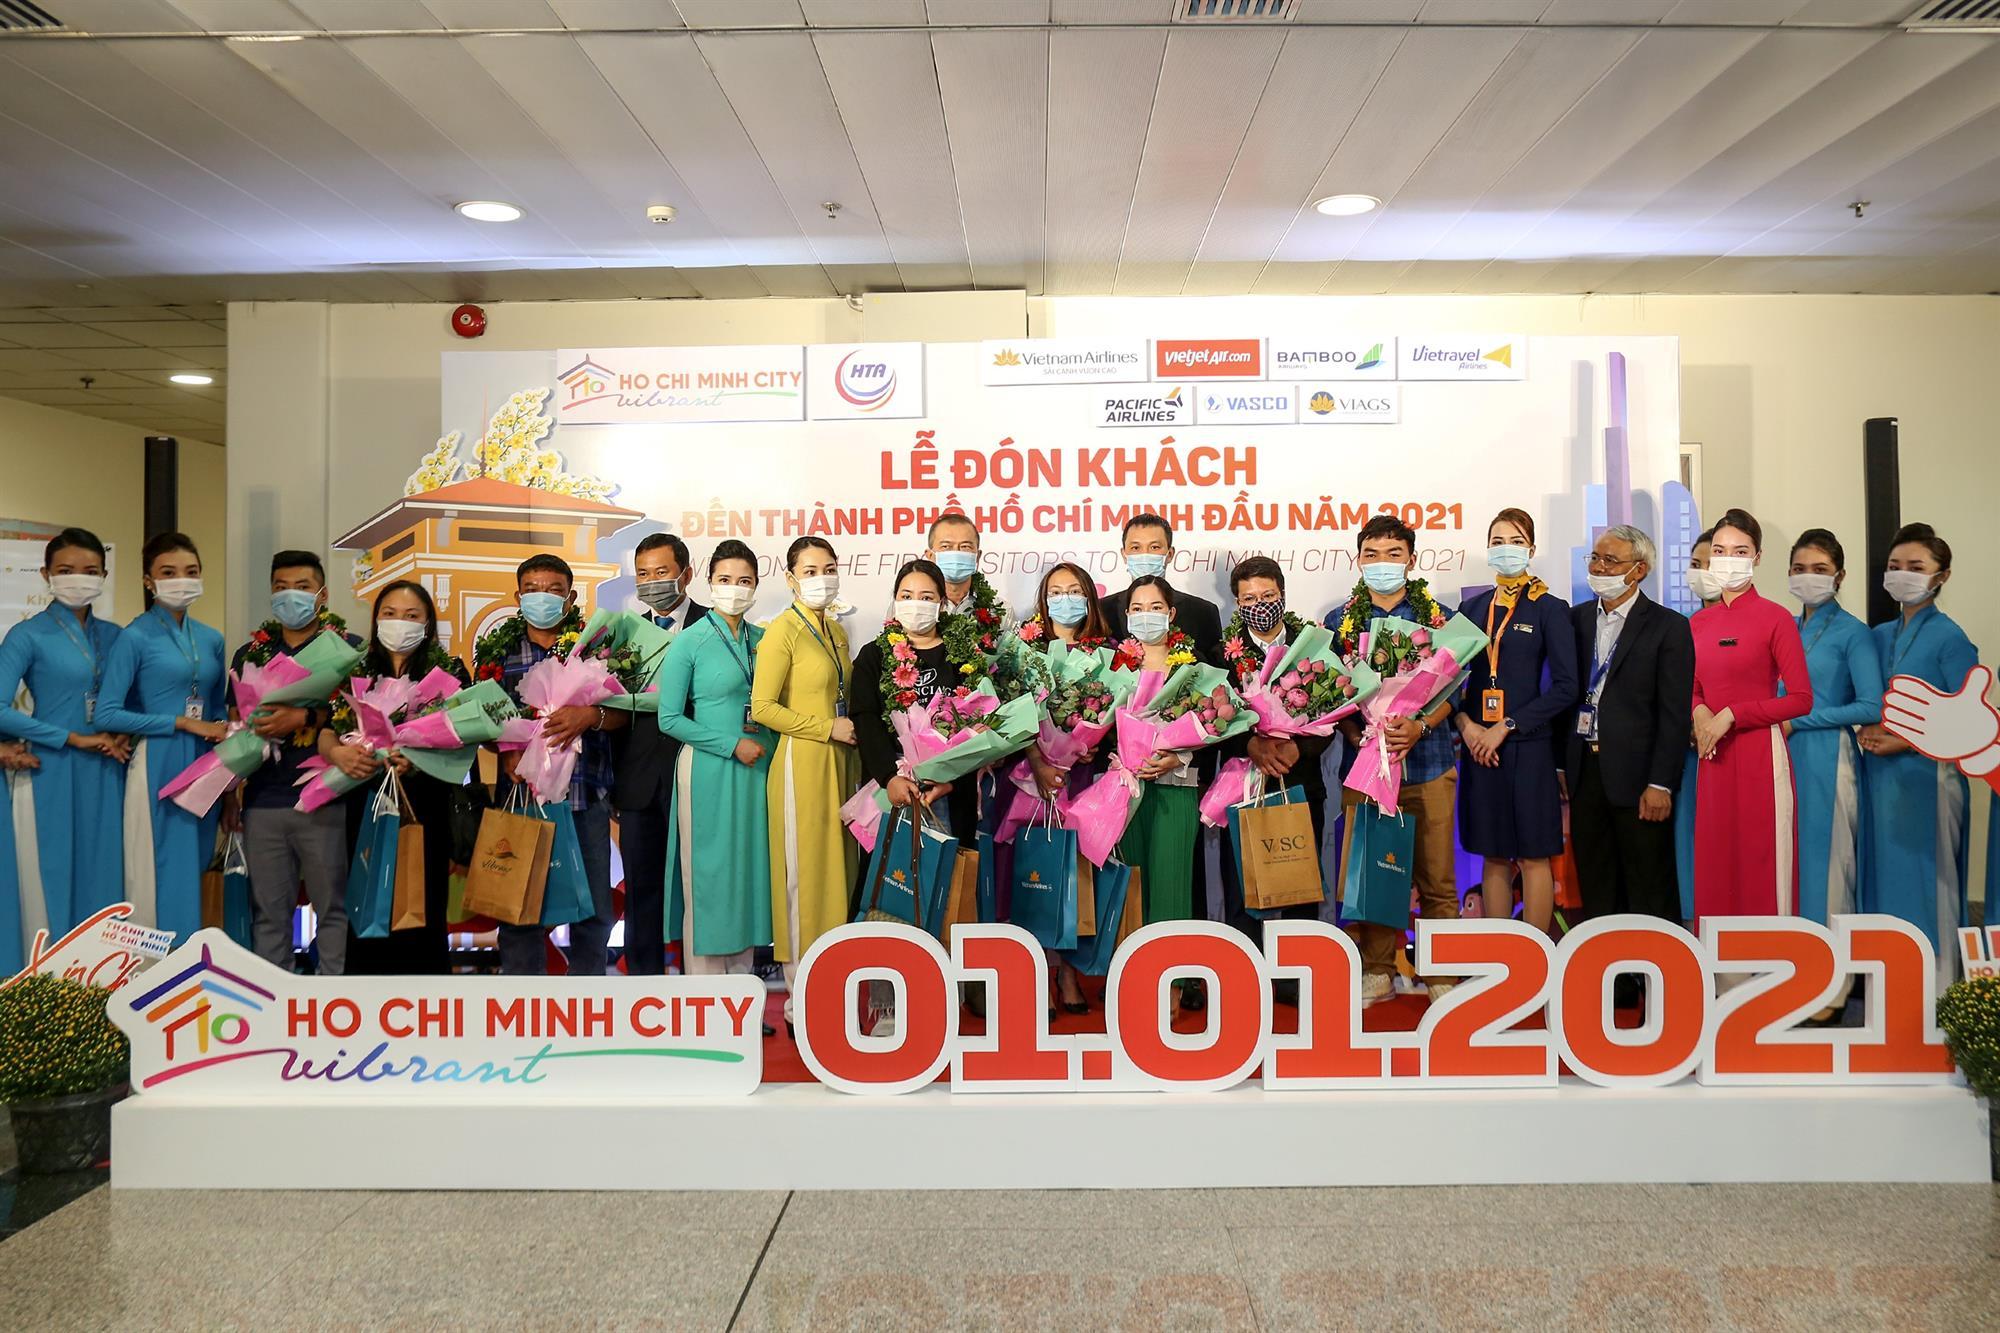 Vietnam Airlines Group chào đón các vị khách đầu tiên trong năm 2021 trên cả nước